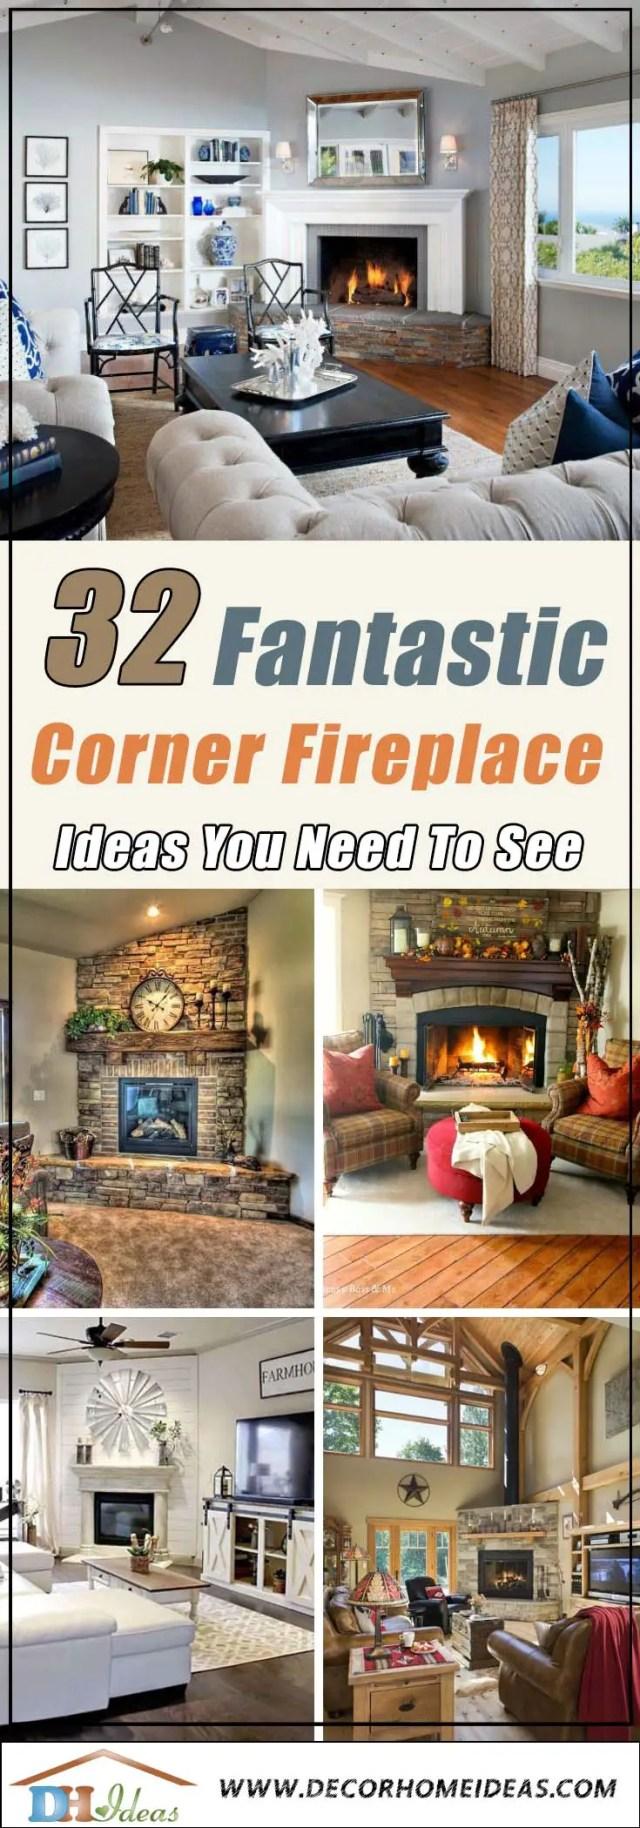 32 Fantastic Corner Fireplace Ideas Decor Home Ideas